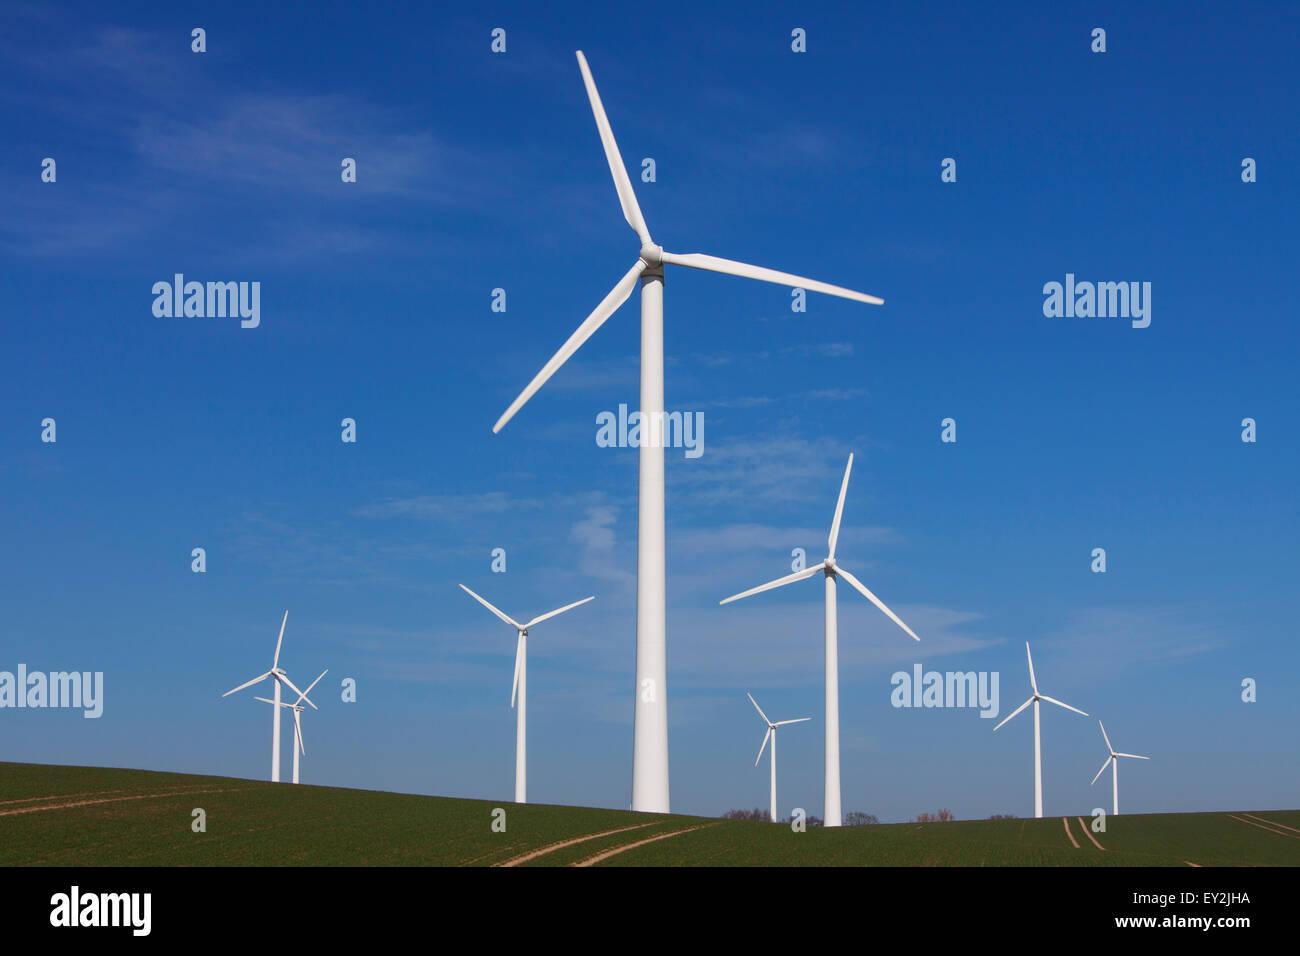 Windkraftanlagen im Windpark in auffangene gegen blauen Himmel Stockbild